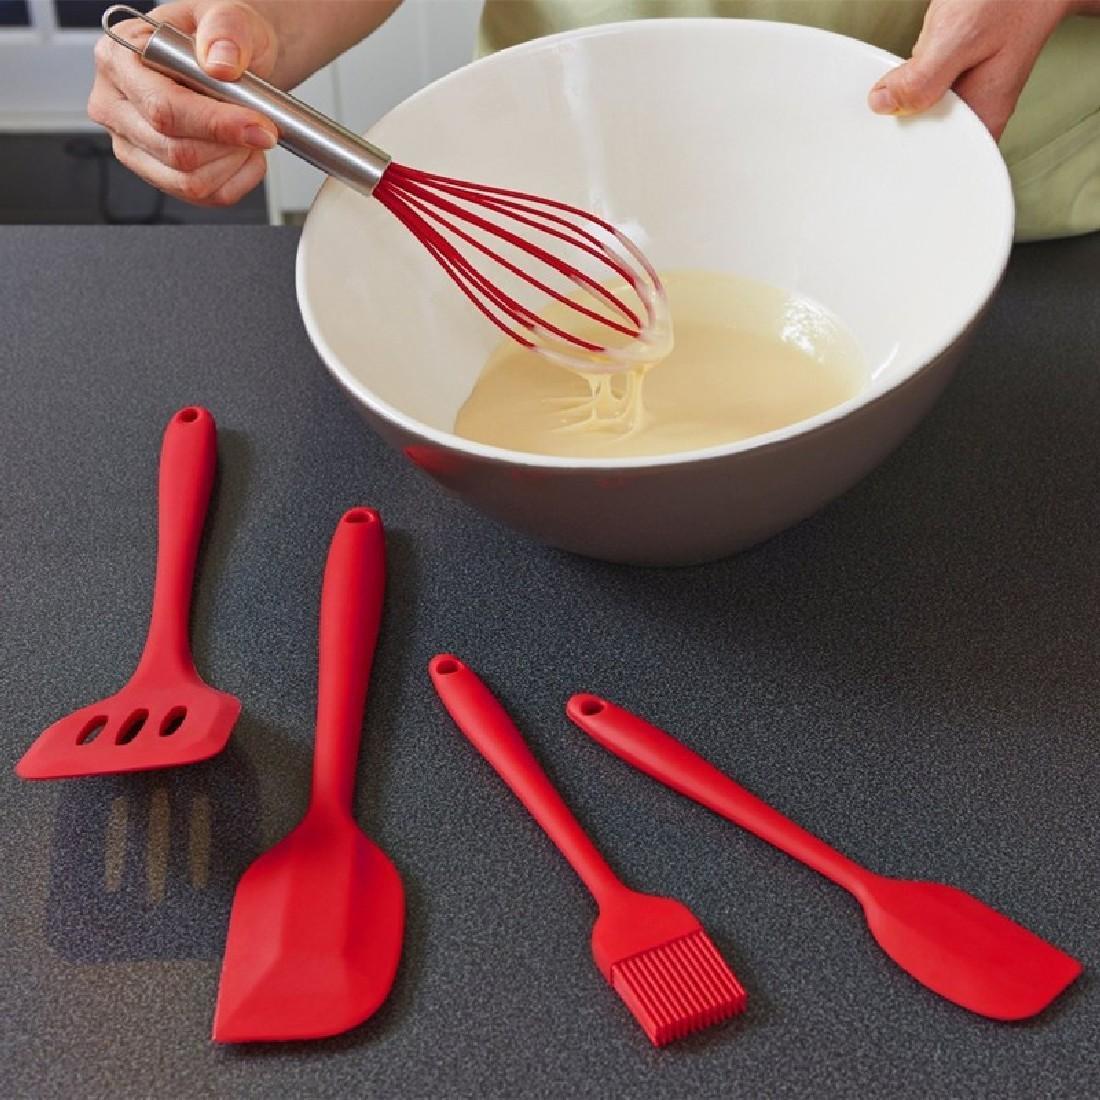 Utensili da cucina creativi di alta qualità Utensili da cucina in silicone Utensili da cucina in silicone 5 pezzi / set Rivestimento solido igienico